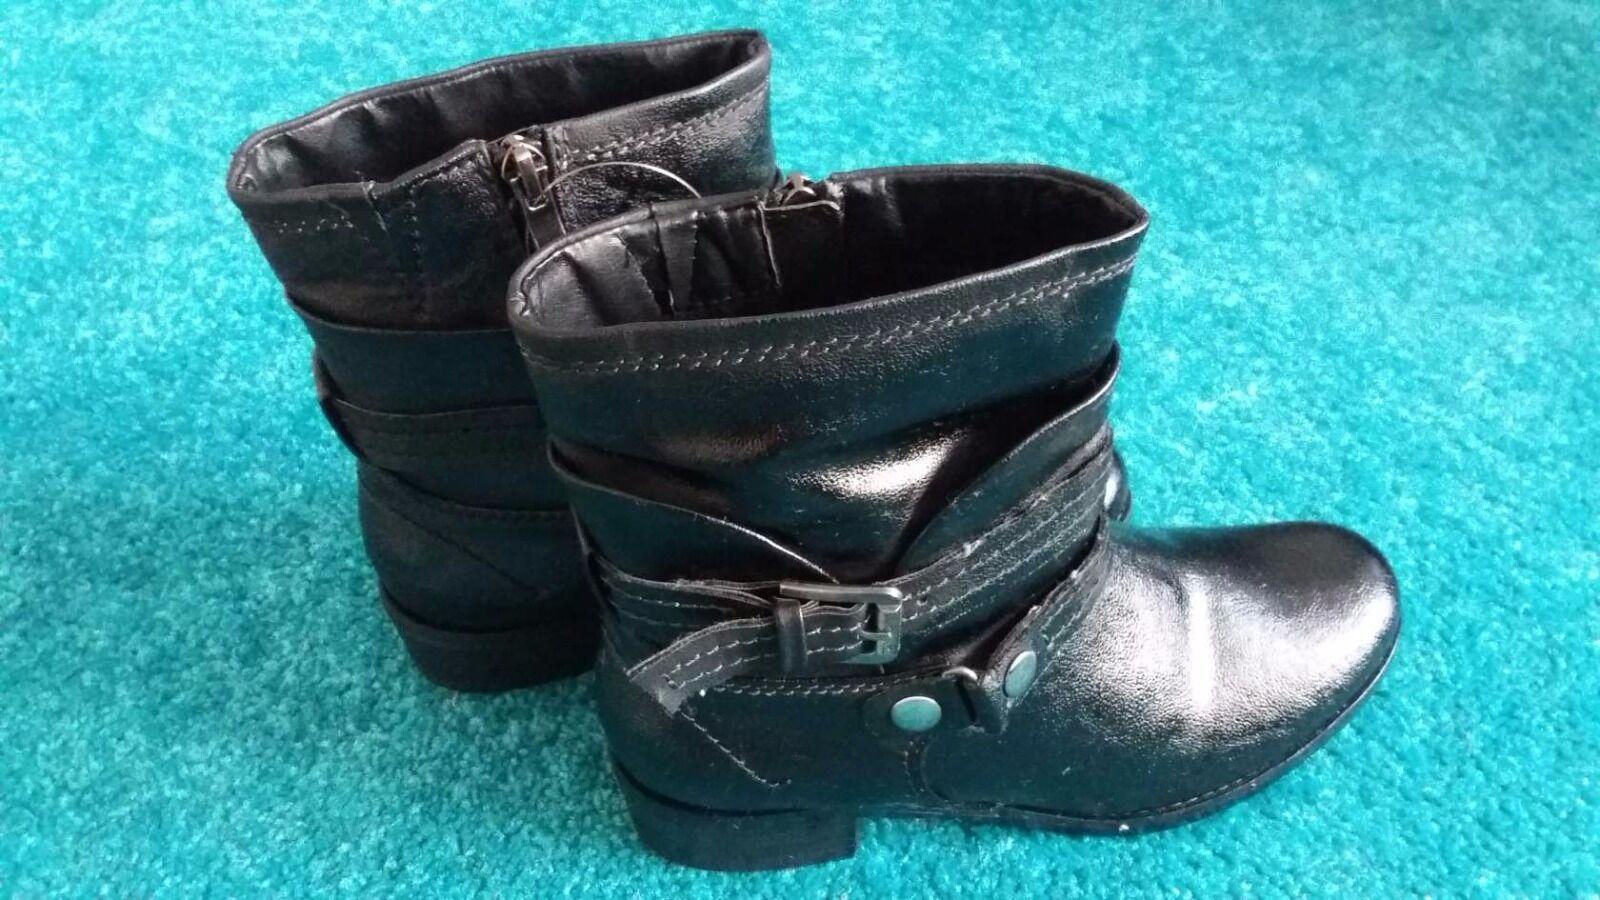 Marco Tozzi Stiefeletten / Schuhe Neu in schwarz Größe 37 Neu Schuhe 1cc66f